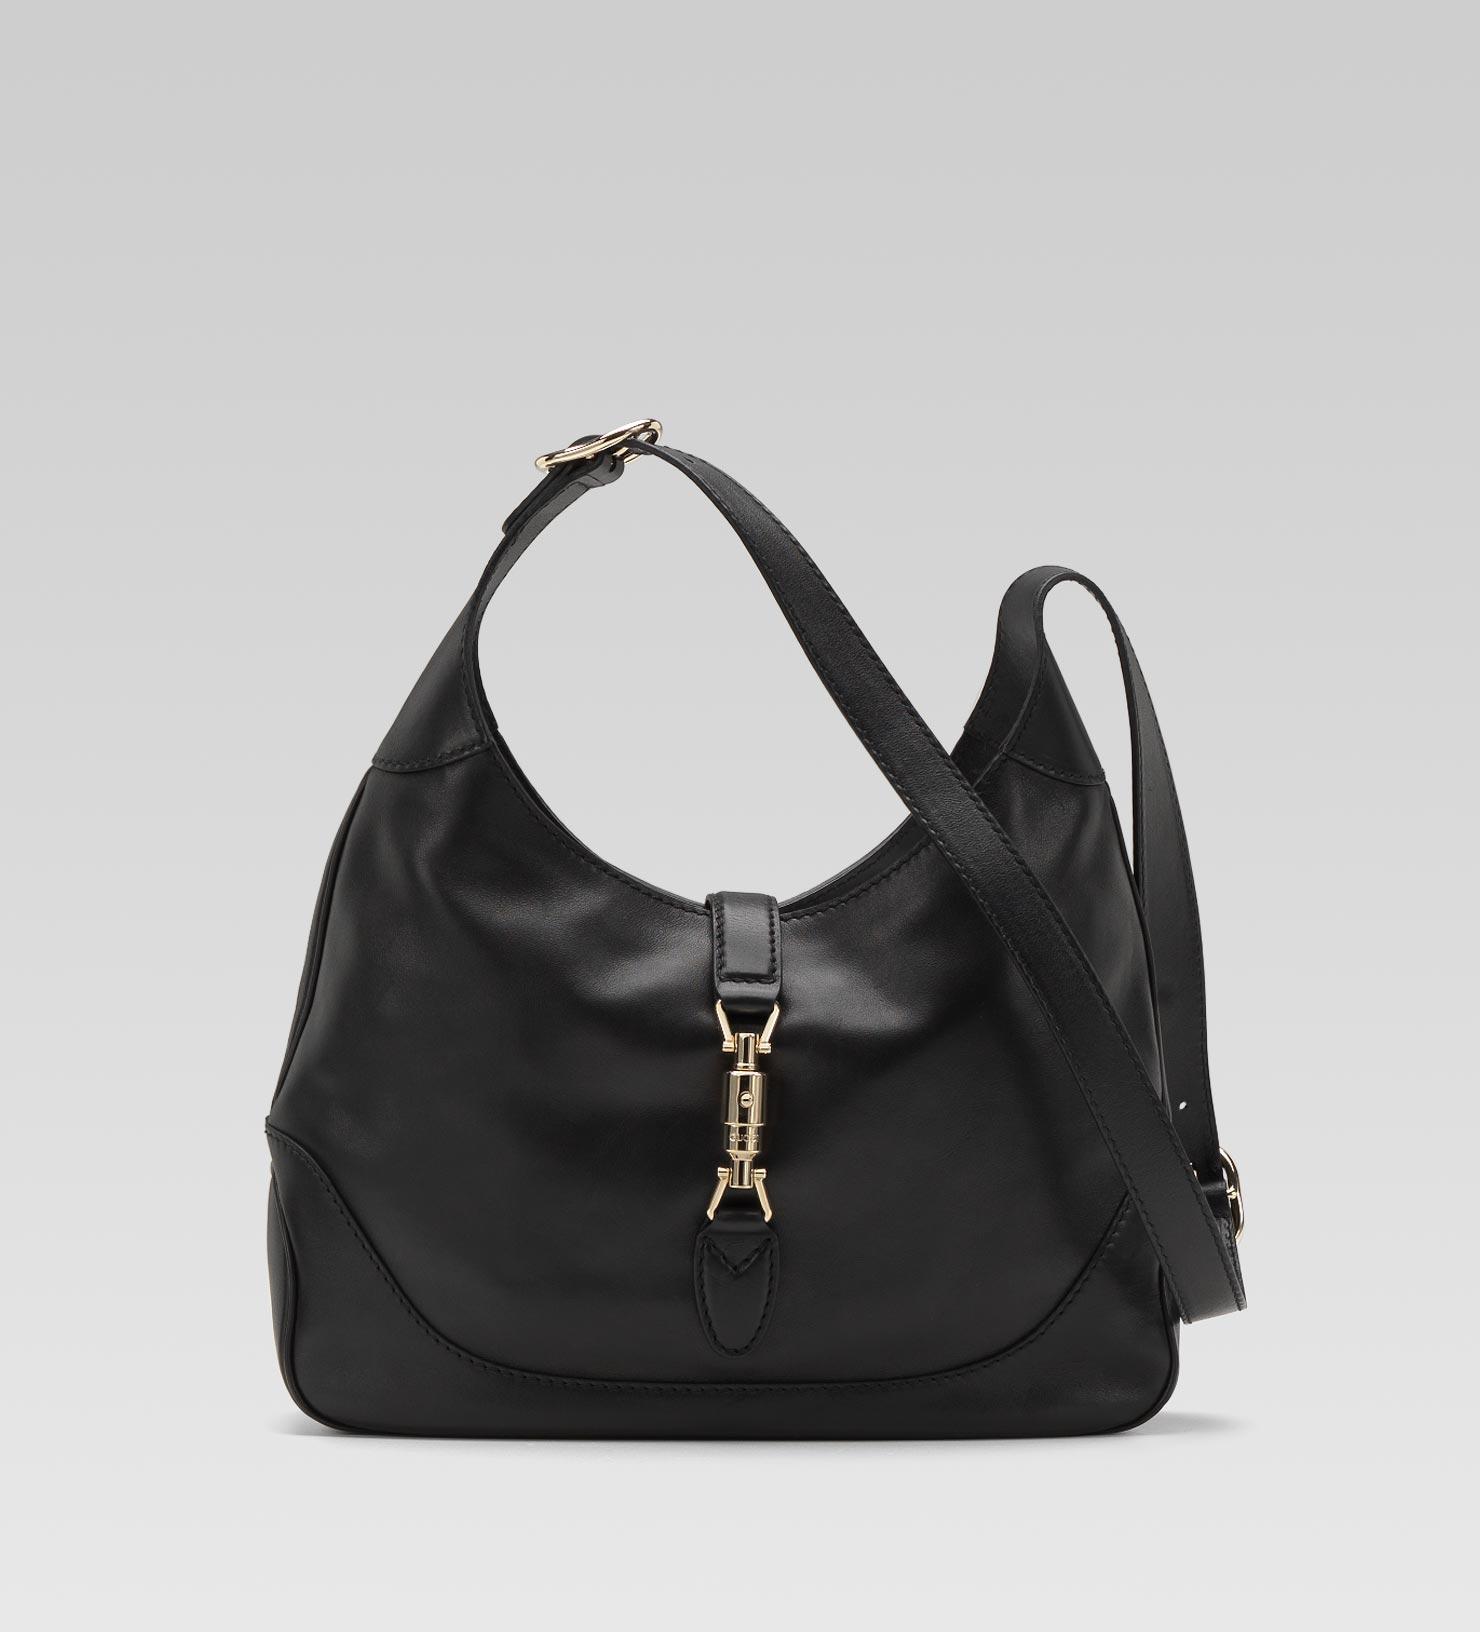 Gucci Jackie Leather Shoulder Bag in Black